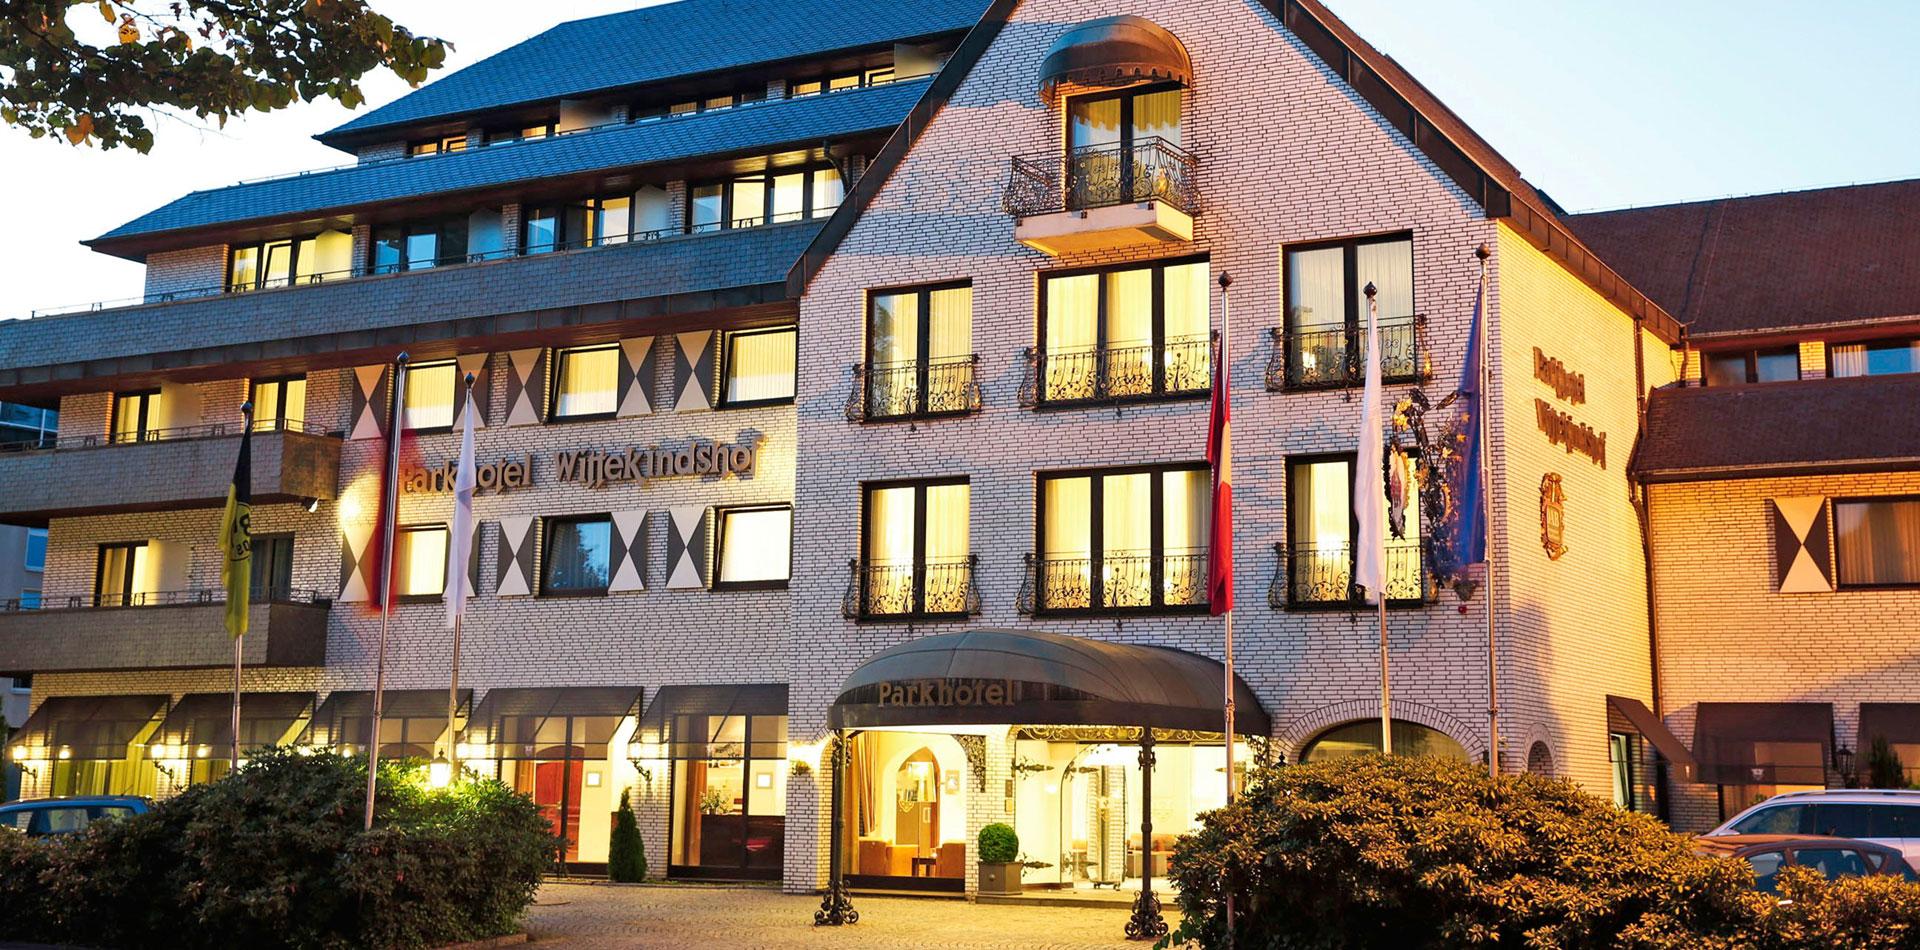 Weihnachtsessen Dortmund.Parkhotel Wittekindshof In Dortmund Zentral Persönlich Herzlich